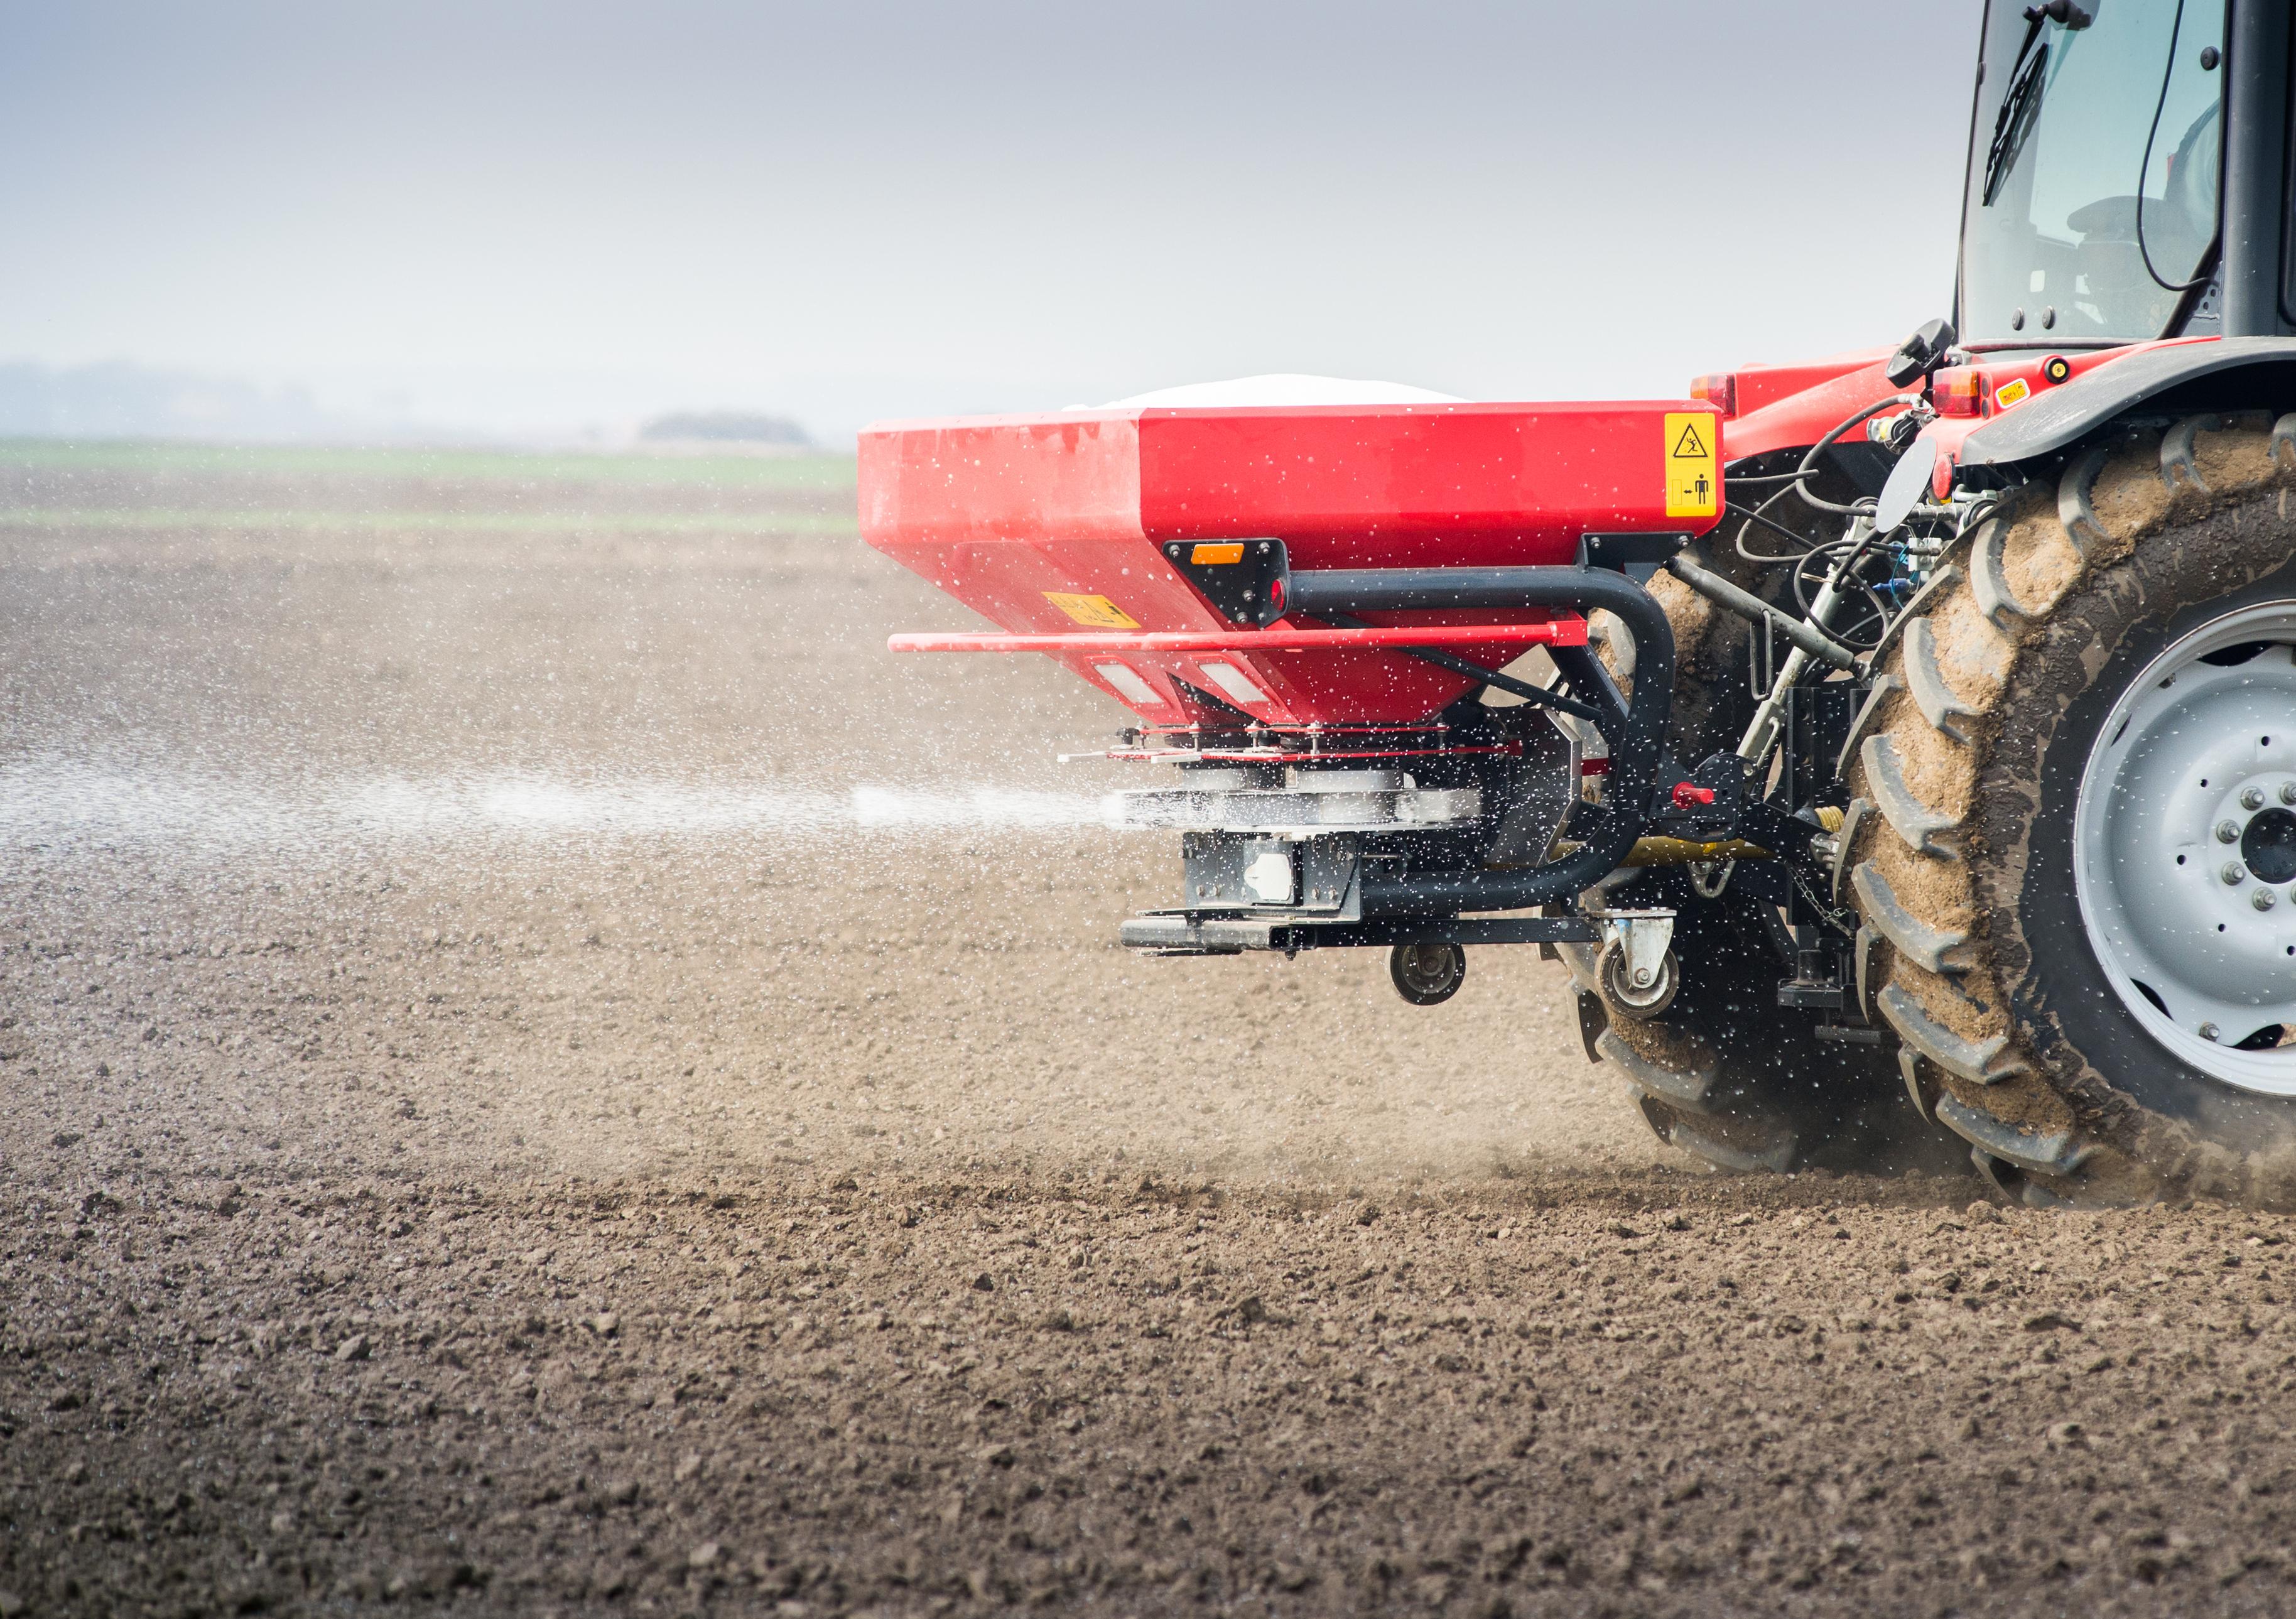 A tractor on a farm applying fertilizer to a field.